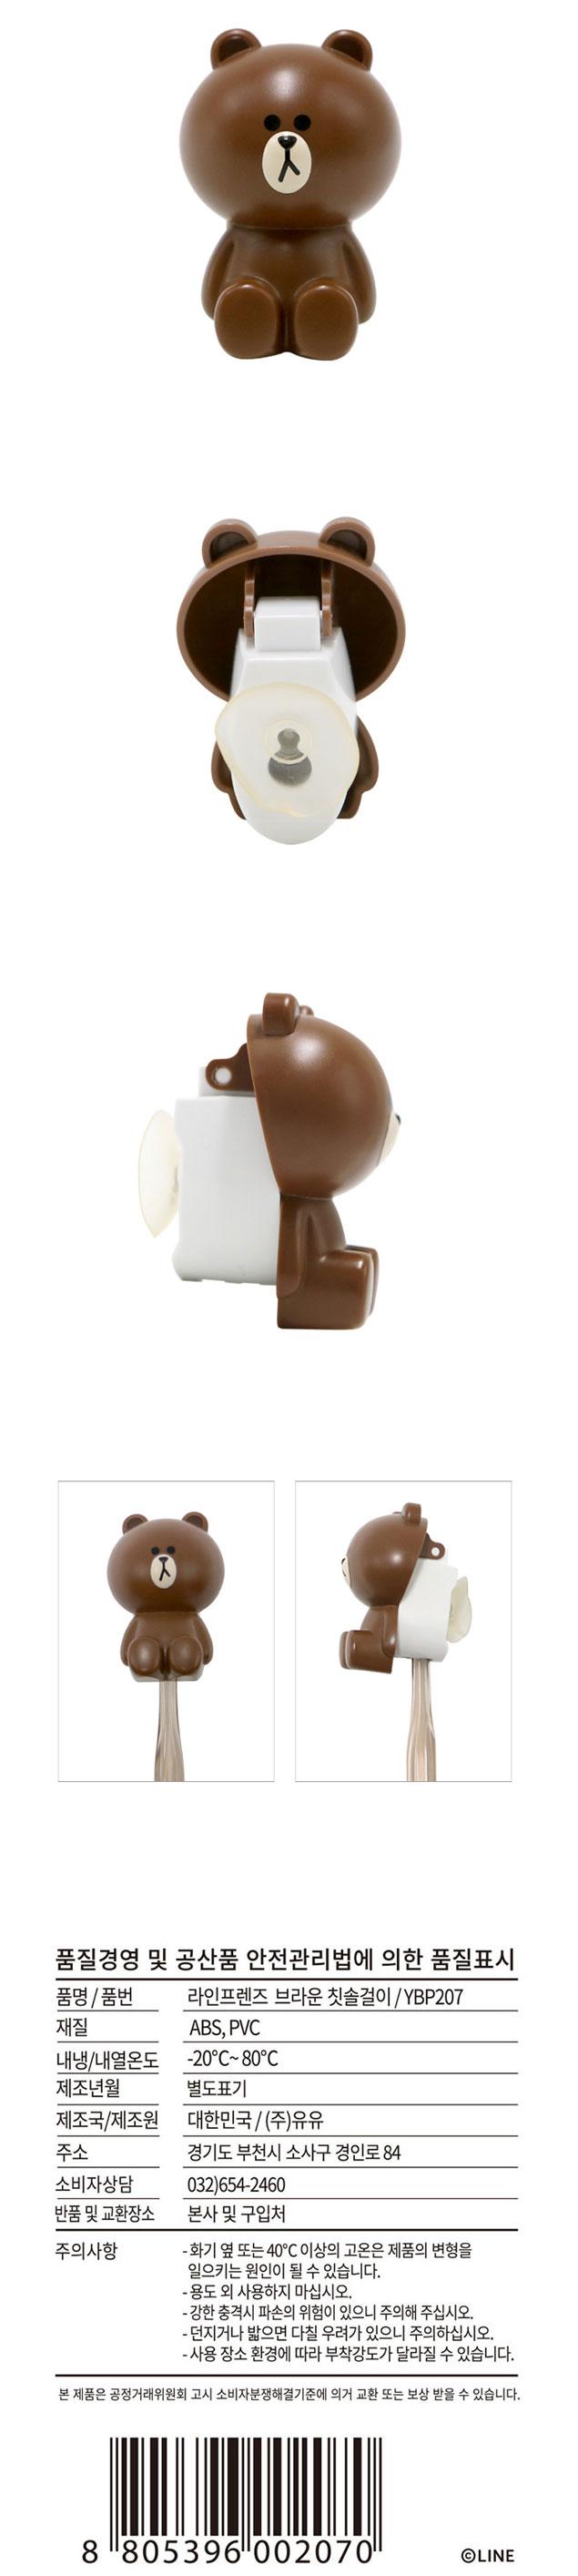 정품 라인프렌즈 칫솔걸이 홀더 - 부비캣, 4,500원, 양치, 칫솔홀더